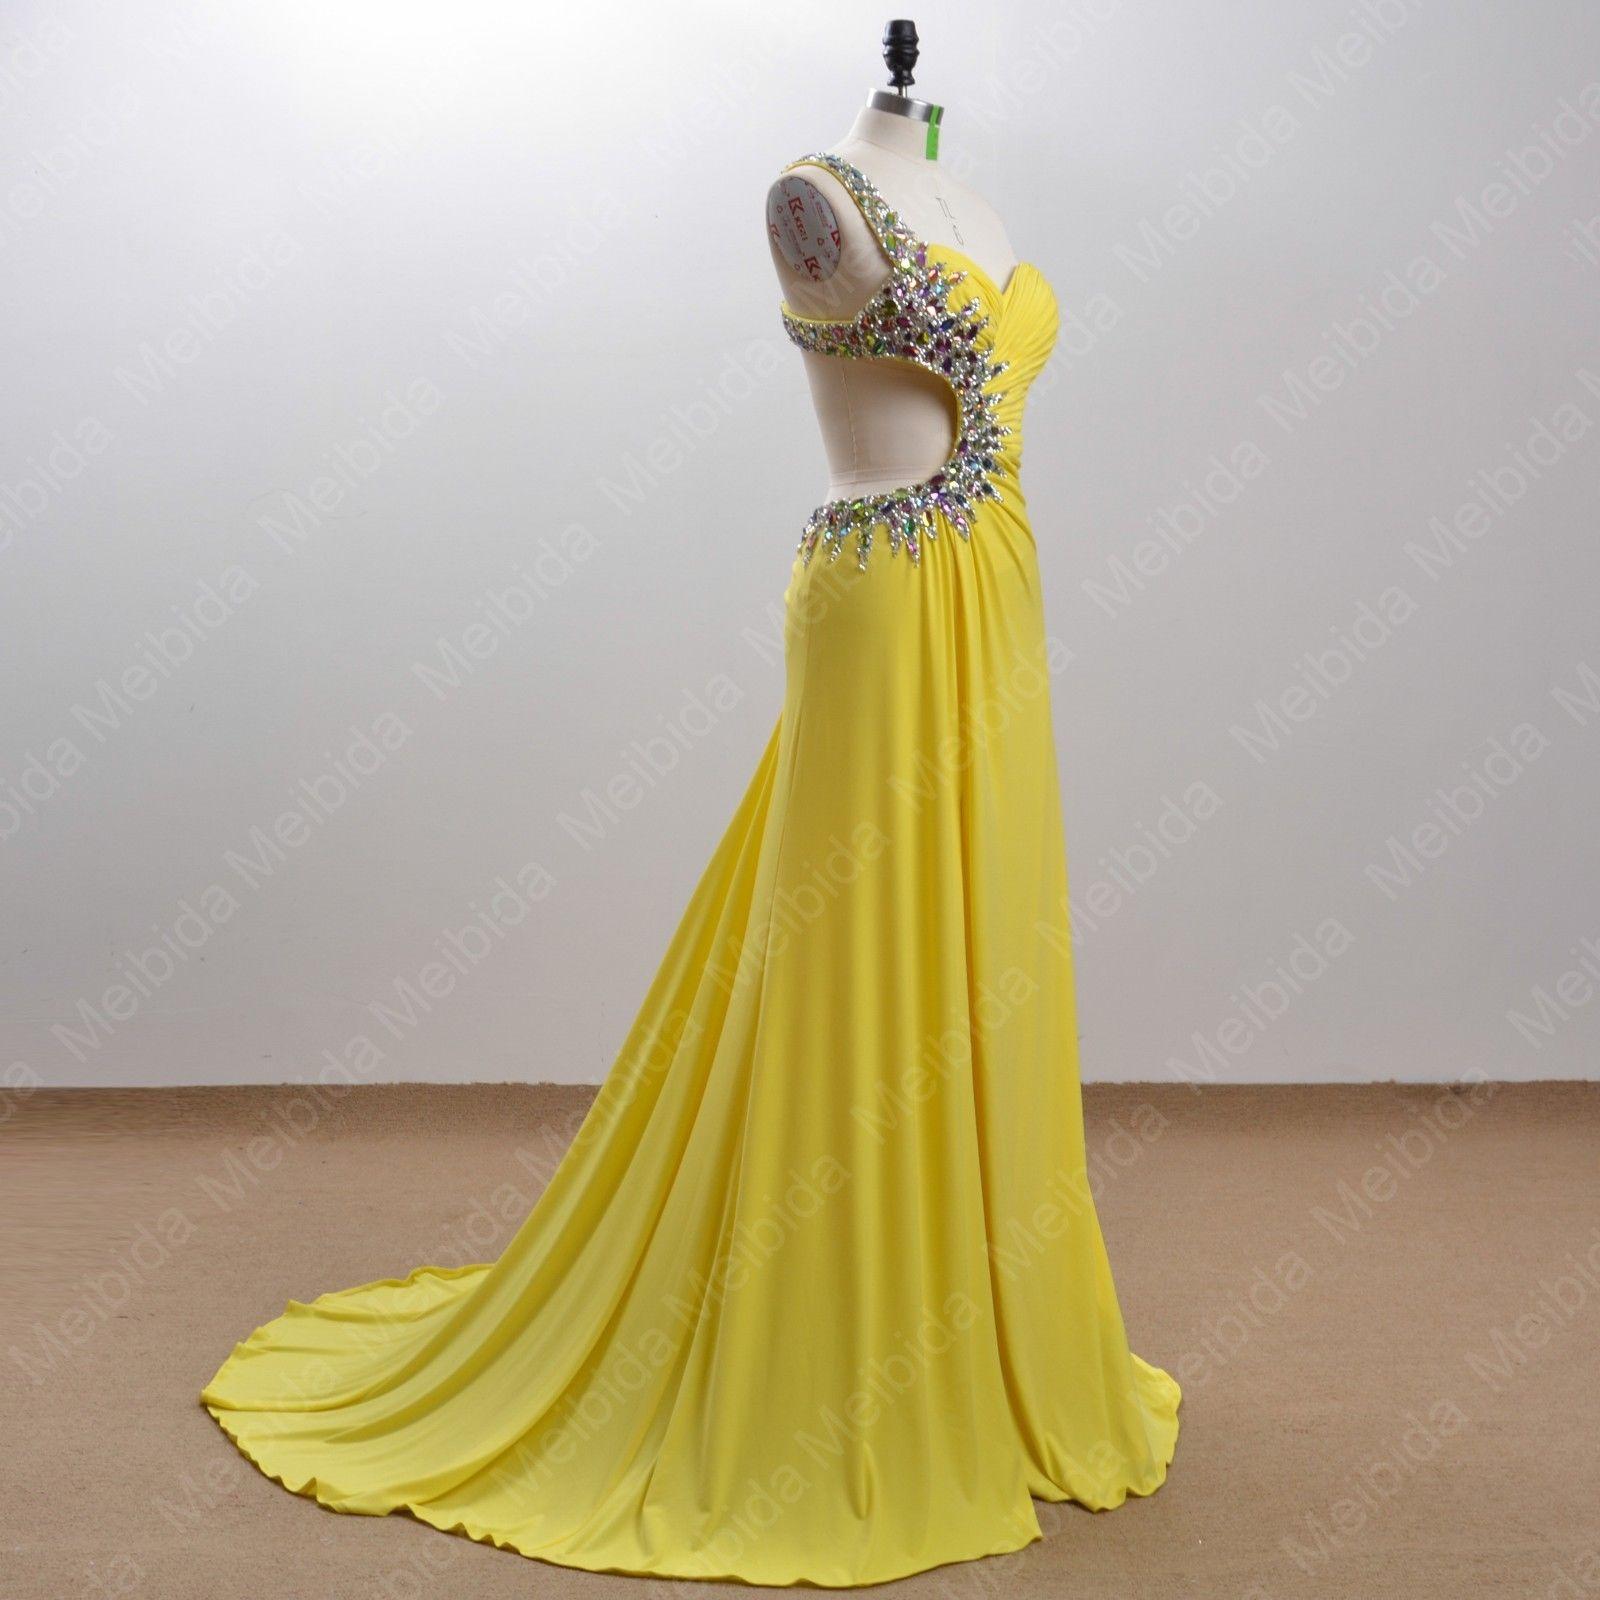 Großhandel Gelbes Hochzeitskleid Handgemachtes Gelbes Chiffon Brautkleid  Partykleid Kostüm Party Von Newstore20, 20,20 € Auf De.Dhgate.Com